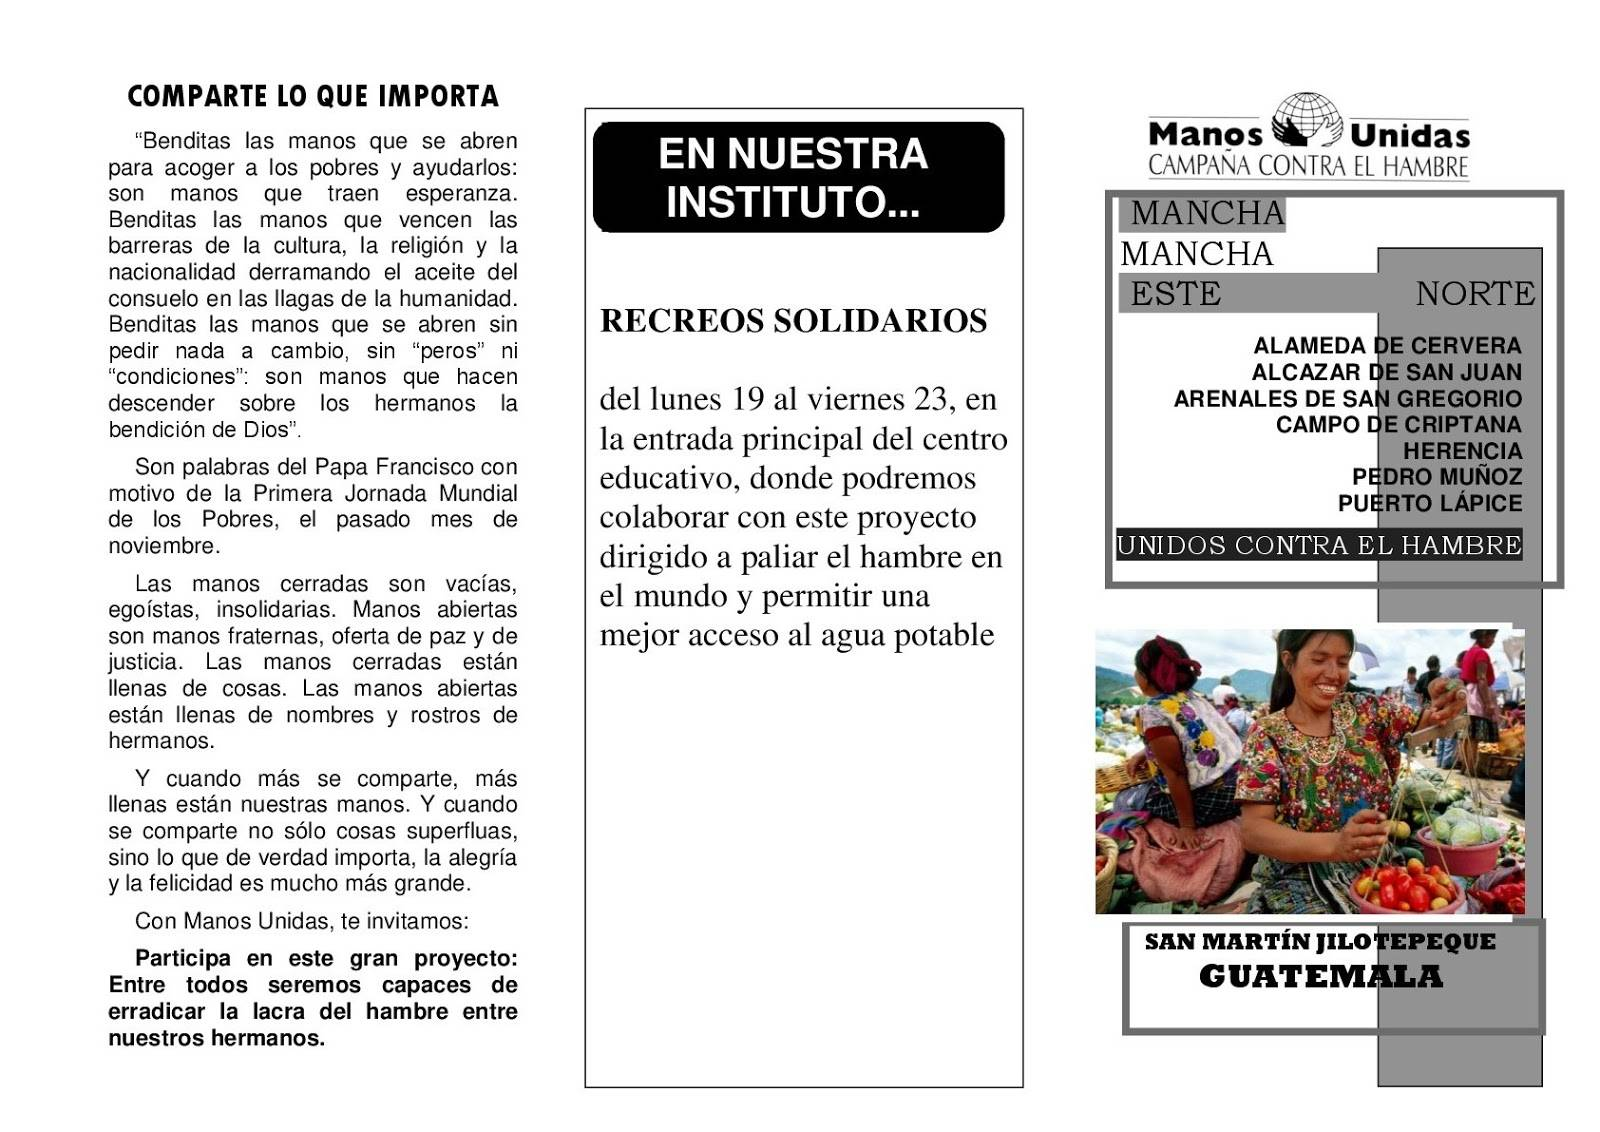 MANOS UNIDAS TRIPTICO 2018 Herencia 001 - Manos Unidas y solidarias en las Jornadas del Hermógenes